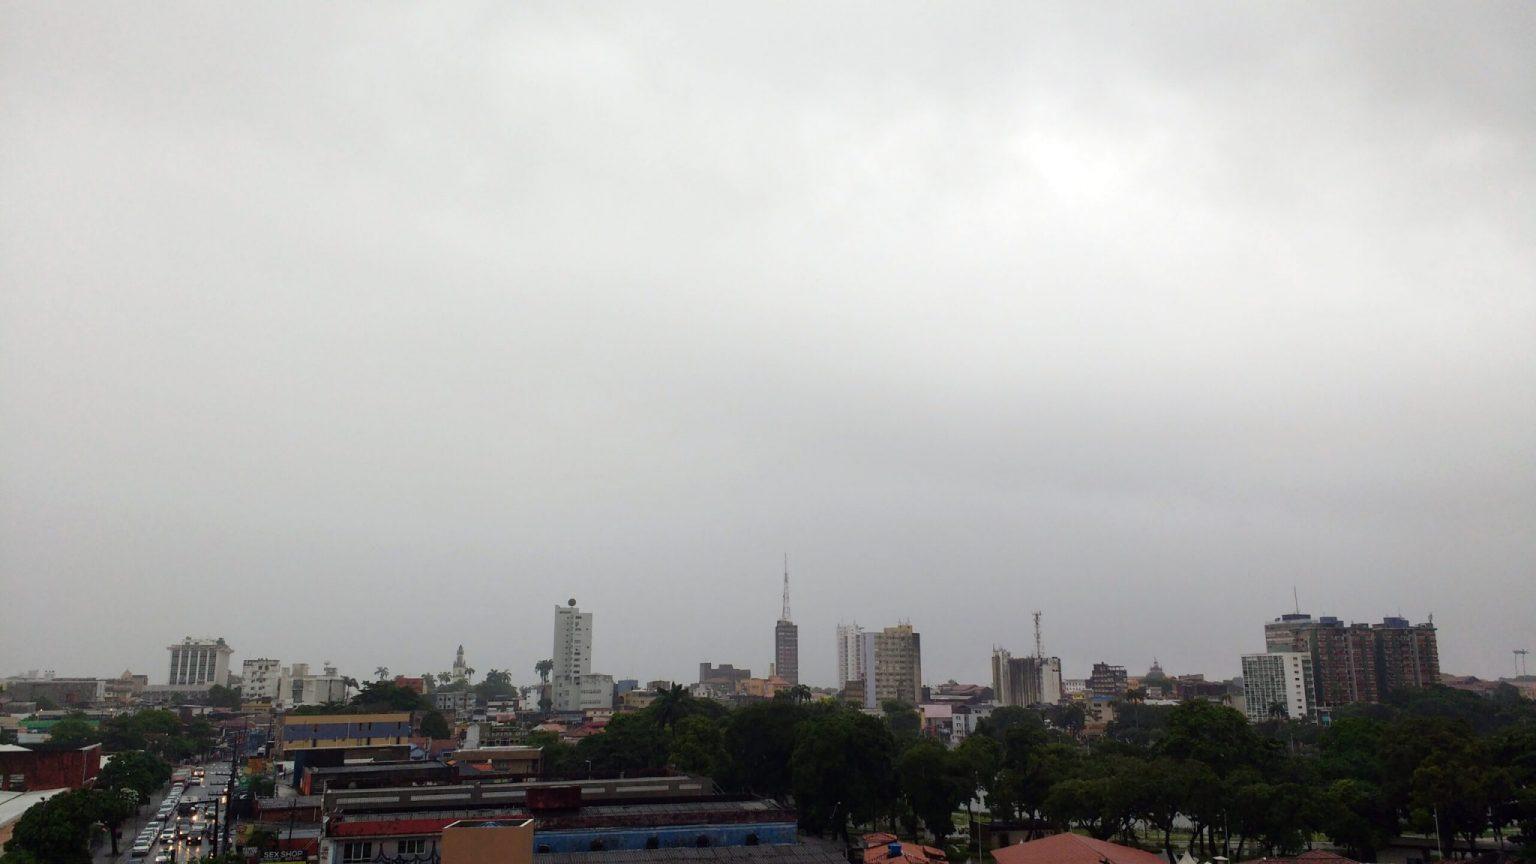 67e598835def808879f501388434f4d0 2 1536x864 1 - Paraíba tem dois alertas de perigo potencial por chuvas para 61 cidades